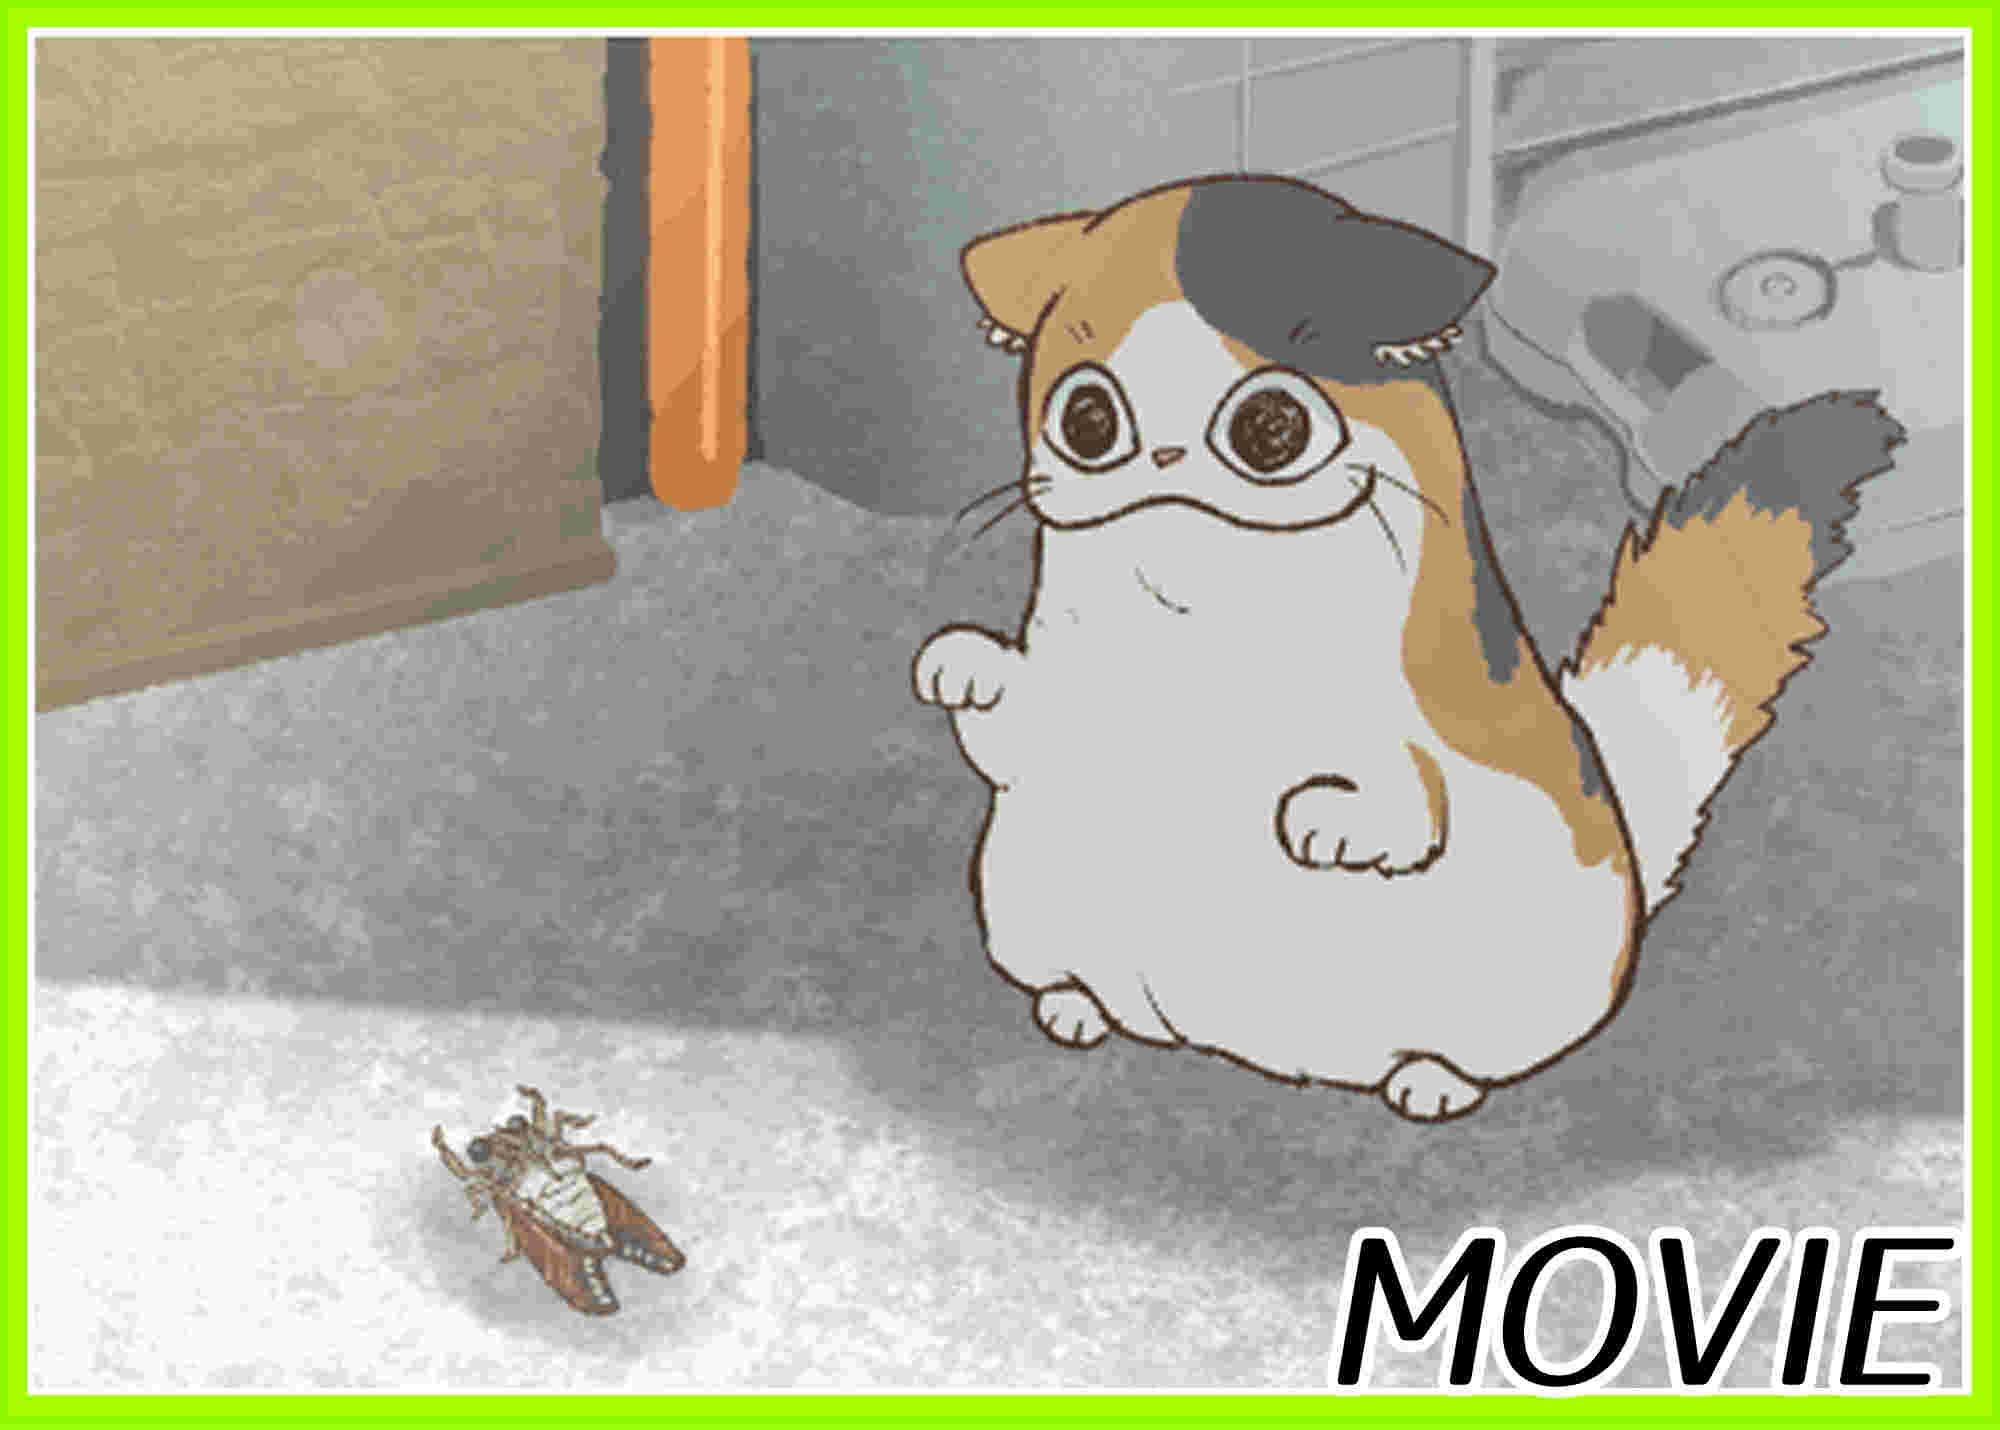 セミと戦うネコ様